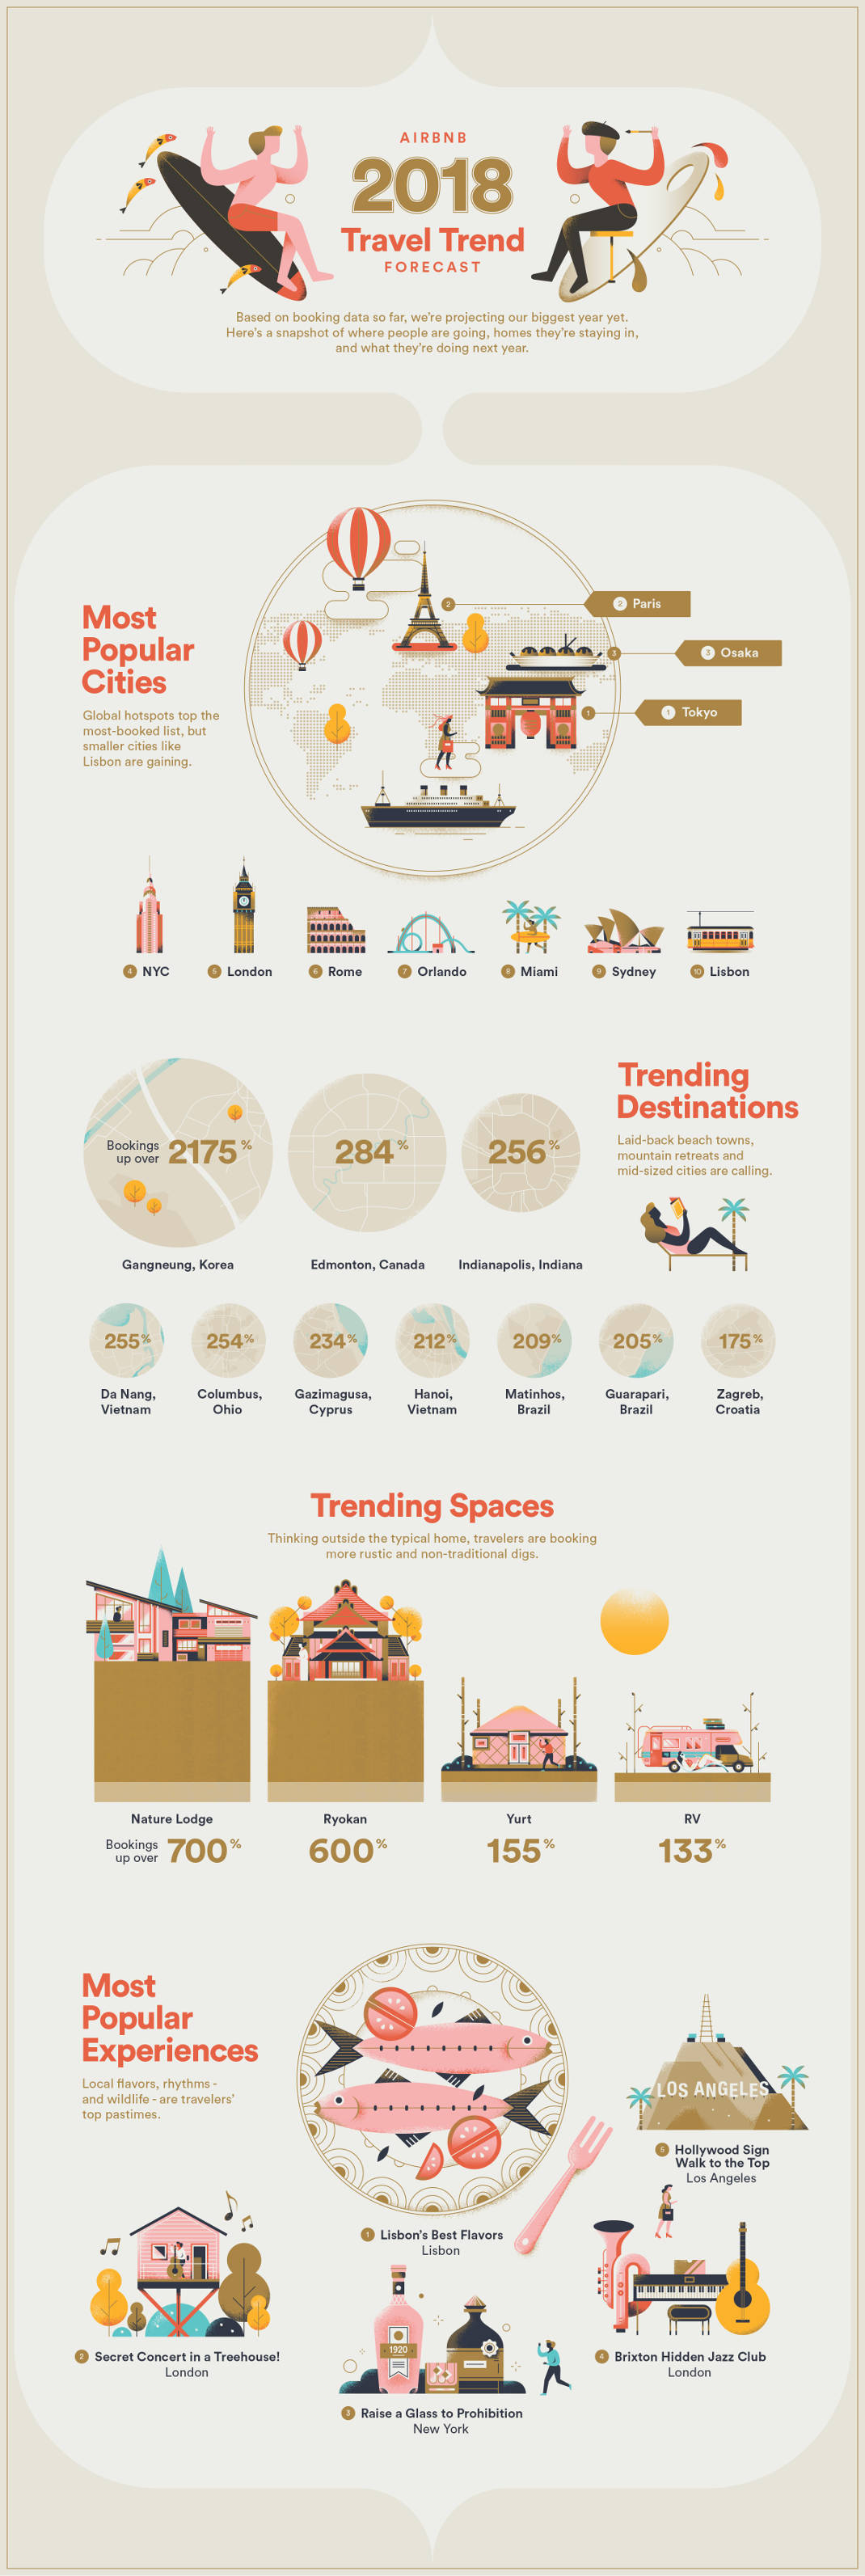 Αυτοί είναι οι κορυφαίοι προορισμοί για το 2018 σύμφωνα με την Airbnb! Που θα ταξιδέψουμε φέτος;